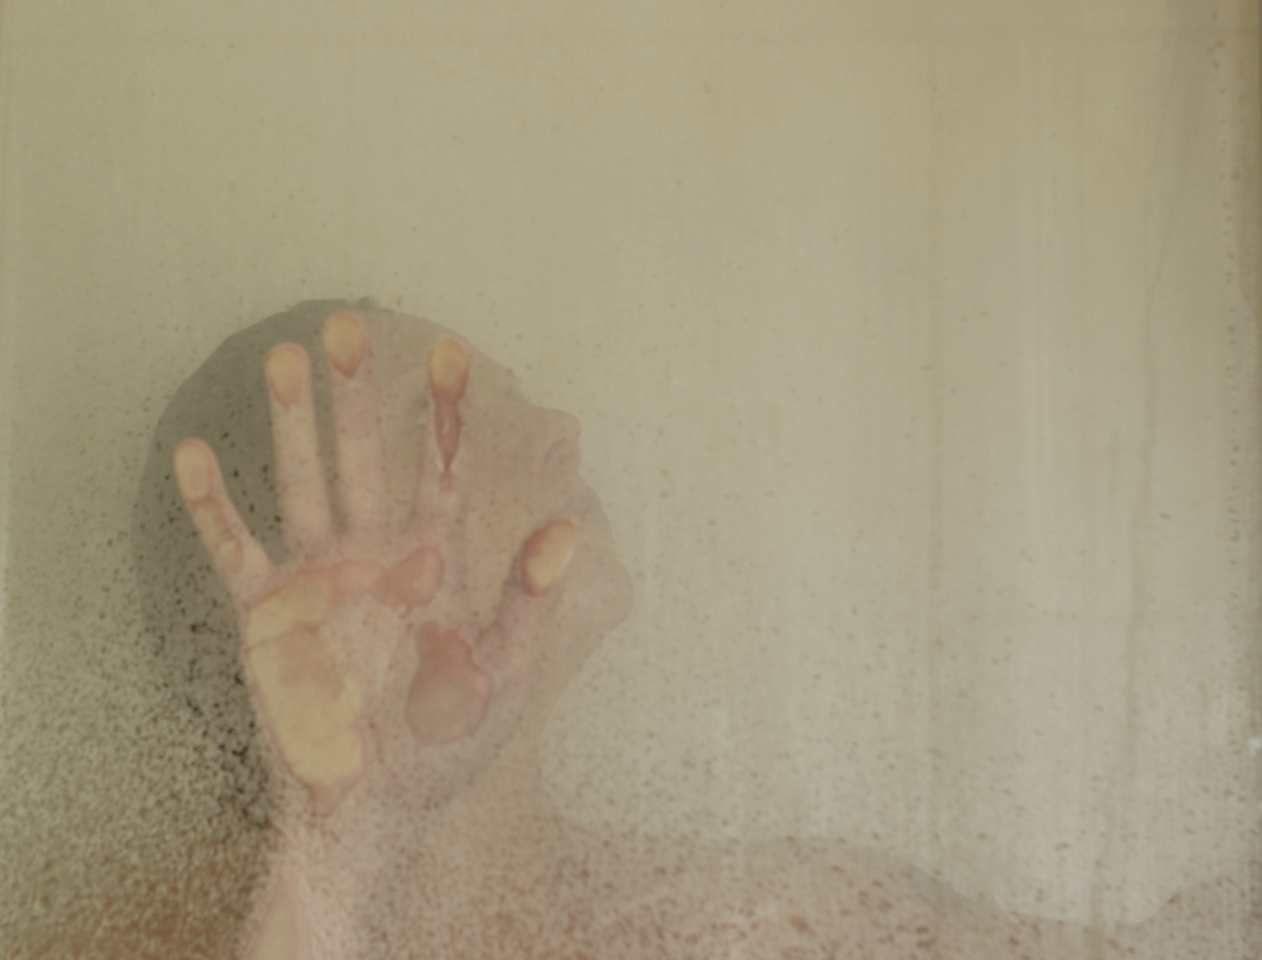 cmo limpiar la puerta de vidrio de una ducha